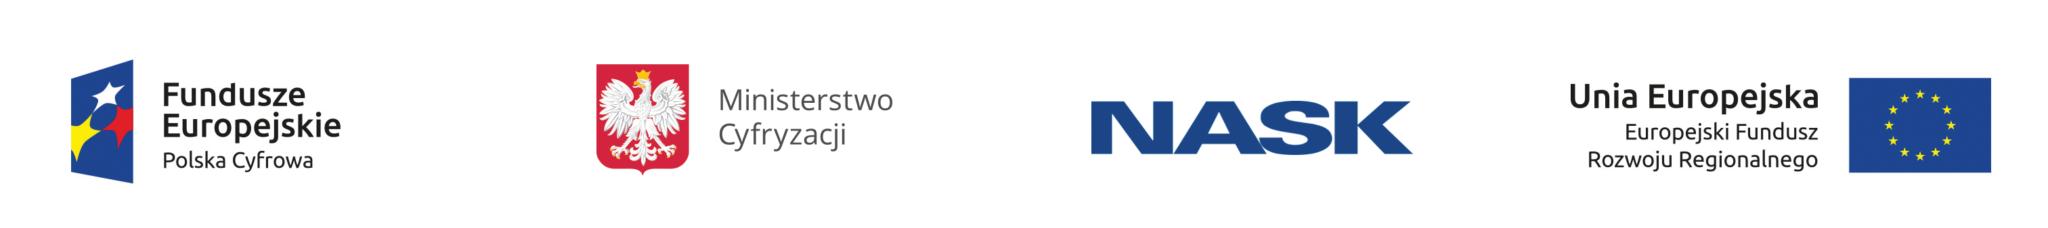 logotypy-polska-cyfrowa-ministerstwo-cyfryzacji-nask-unia-europejska